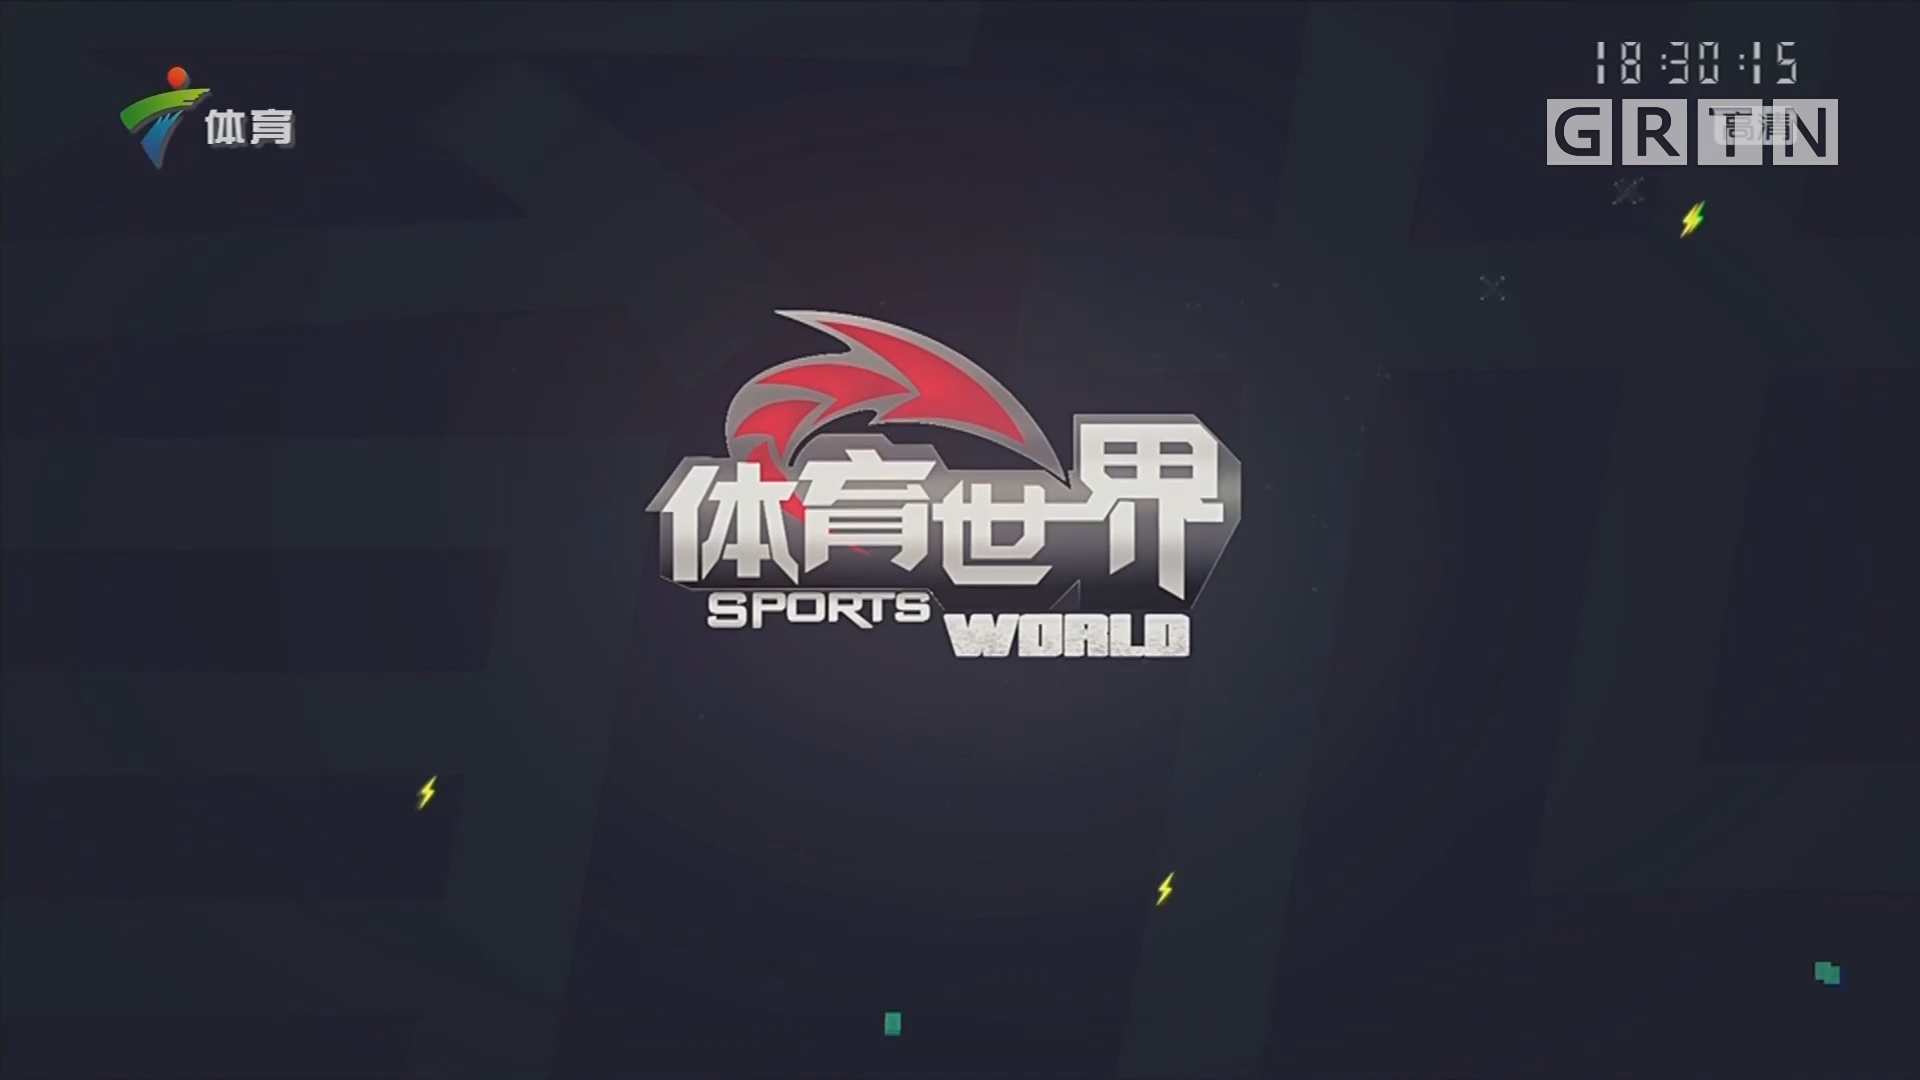 [HD][2019-02-19]体育世界:元老?#27602;?#20256;友谊 挥汗绿茵贺新春